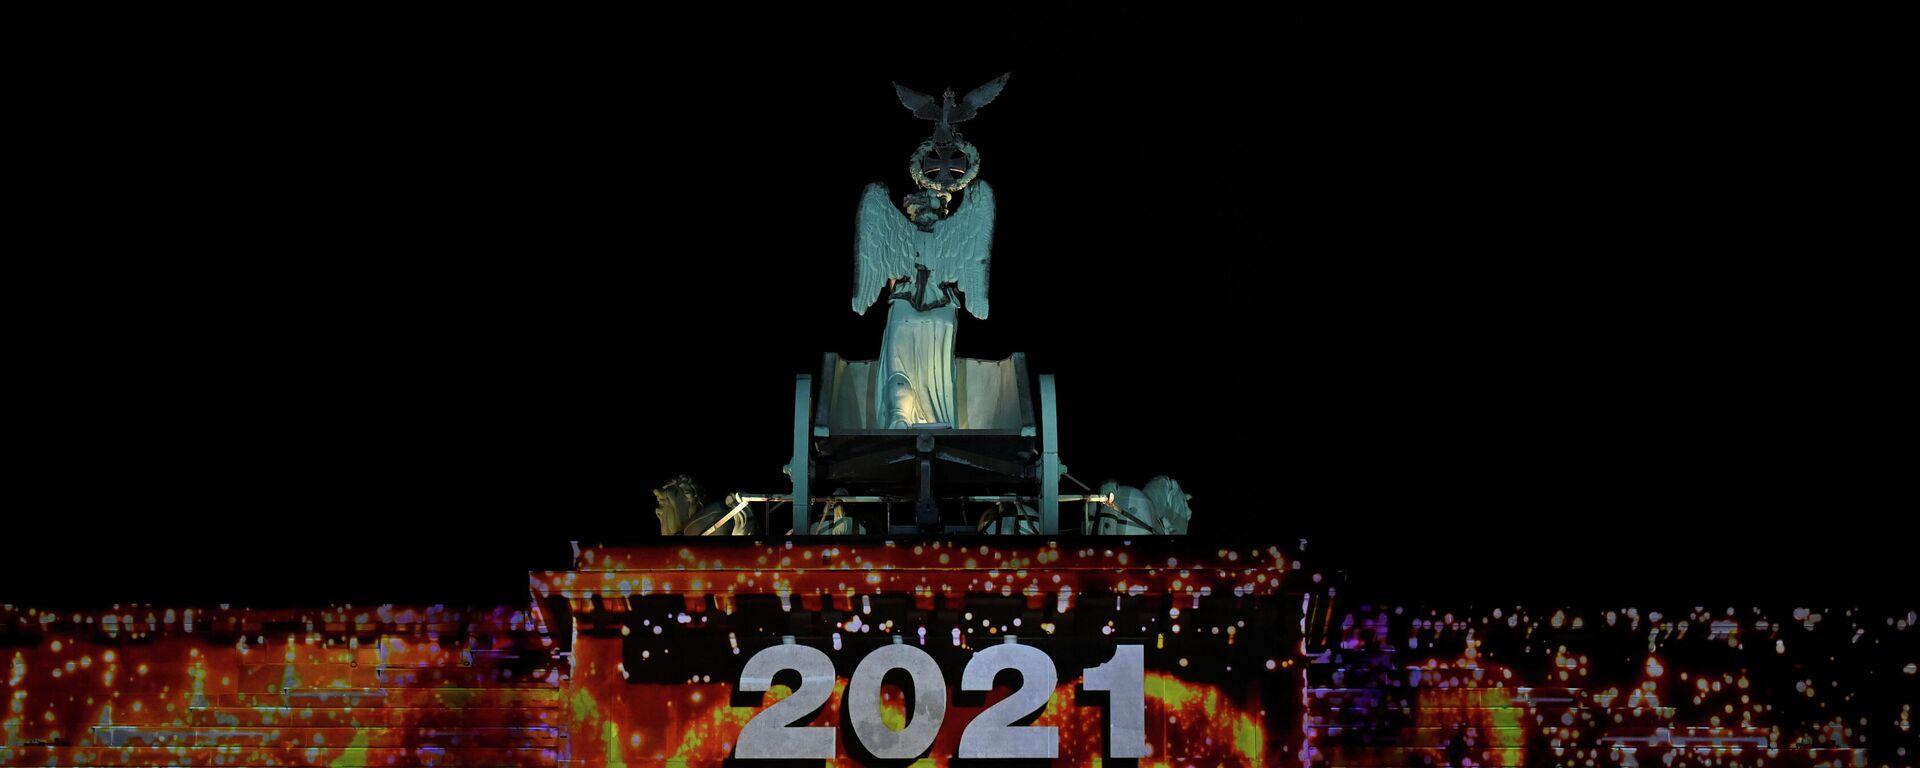 Lichtspiel auf dem Brandenburger Tor in Berlin am 31. Dezember 2020 - SNA, 1920, 14.01.2021